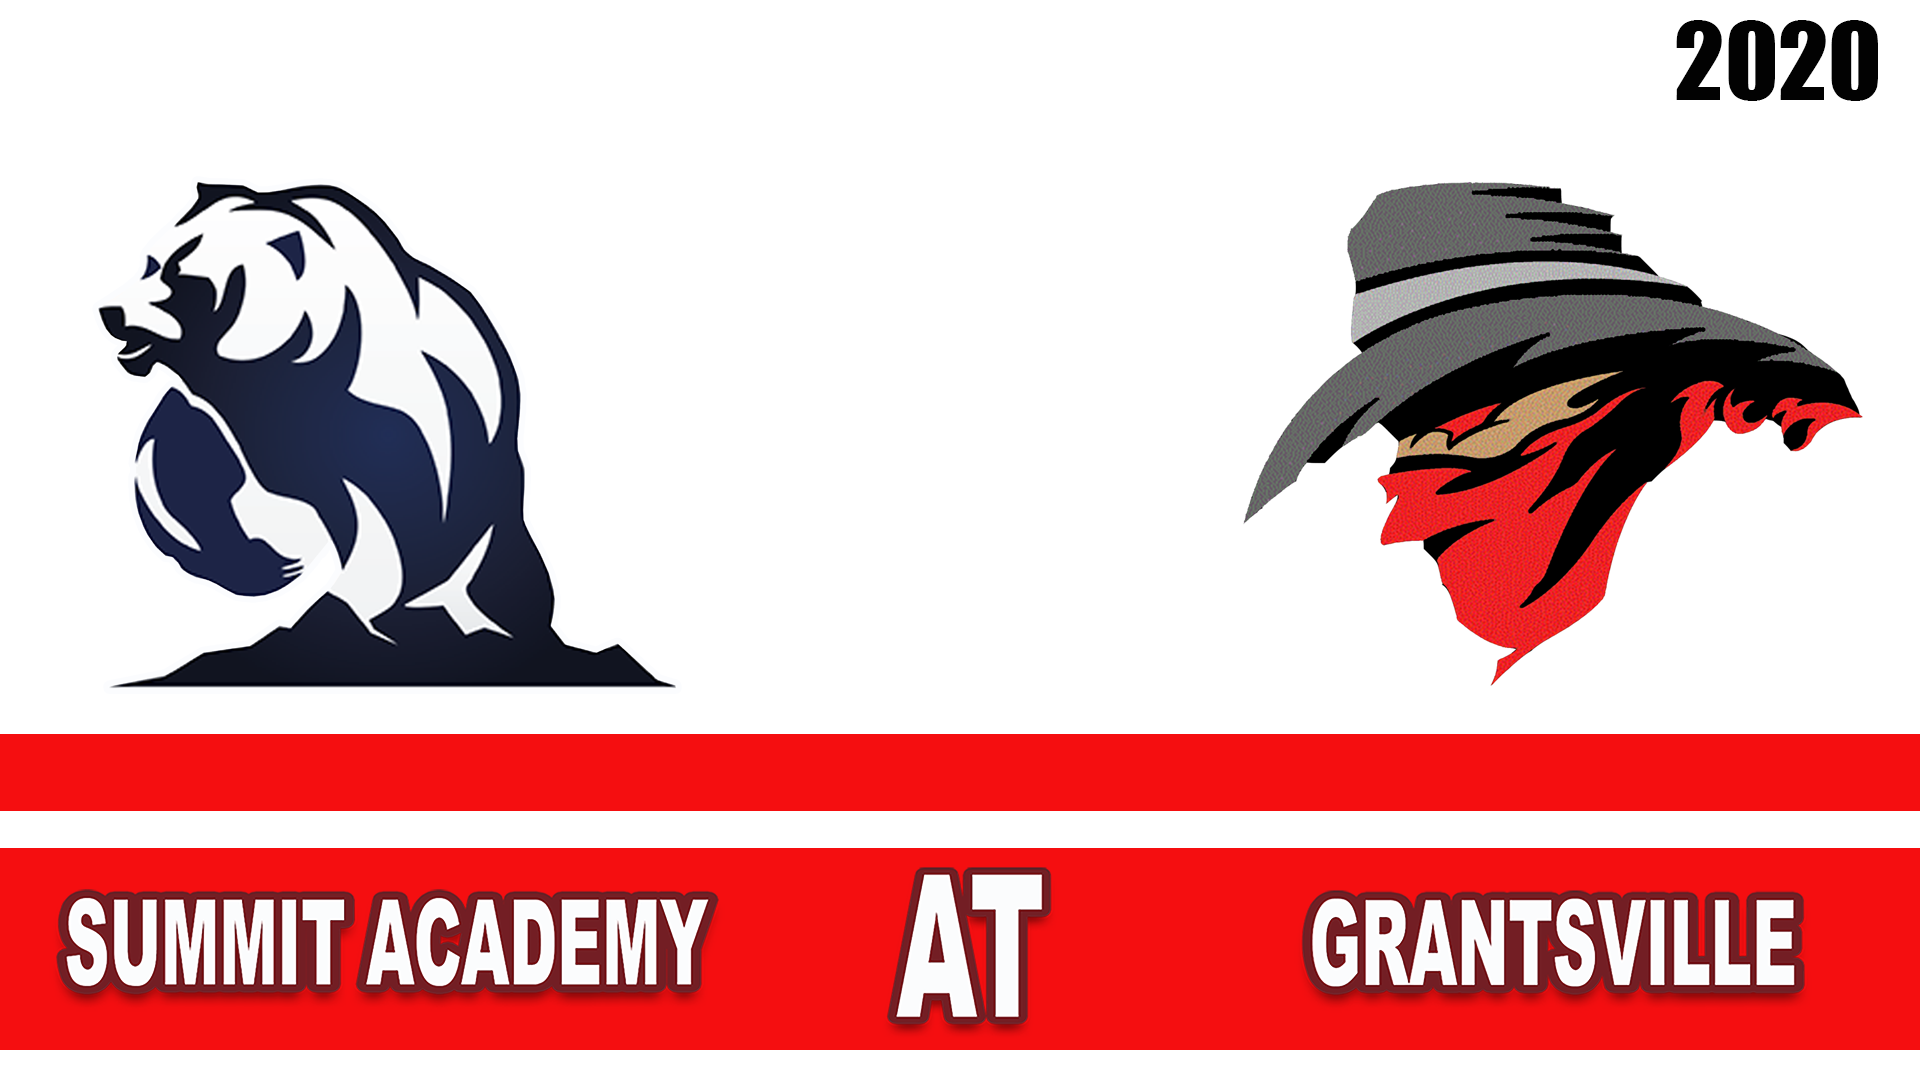 Summit Academy at Grantsville